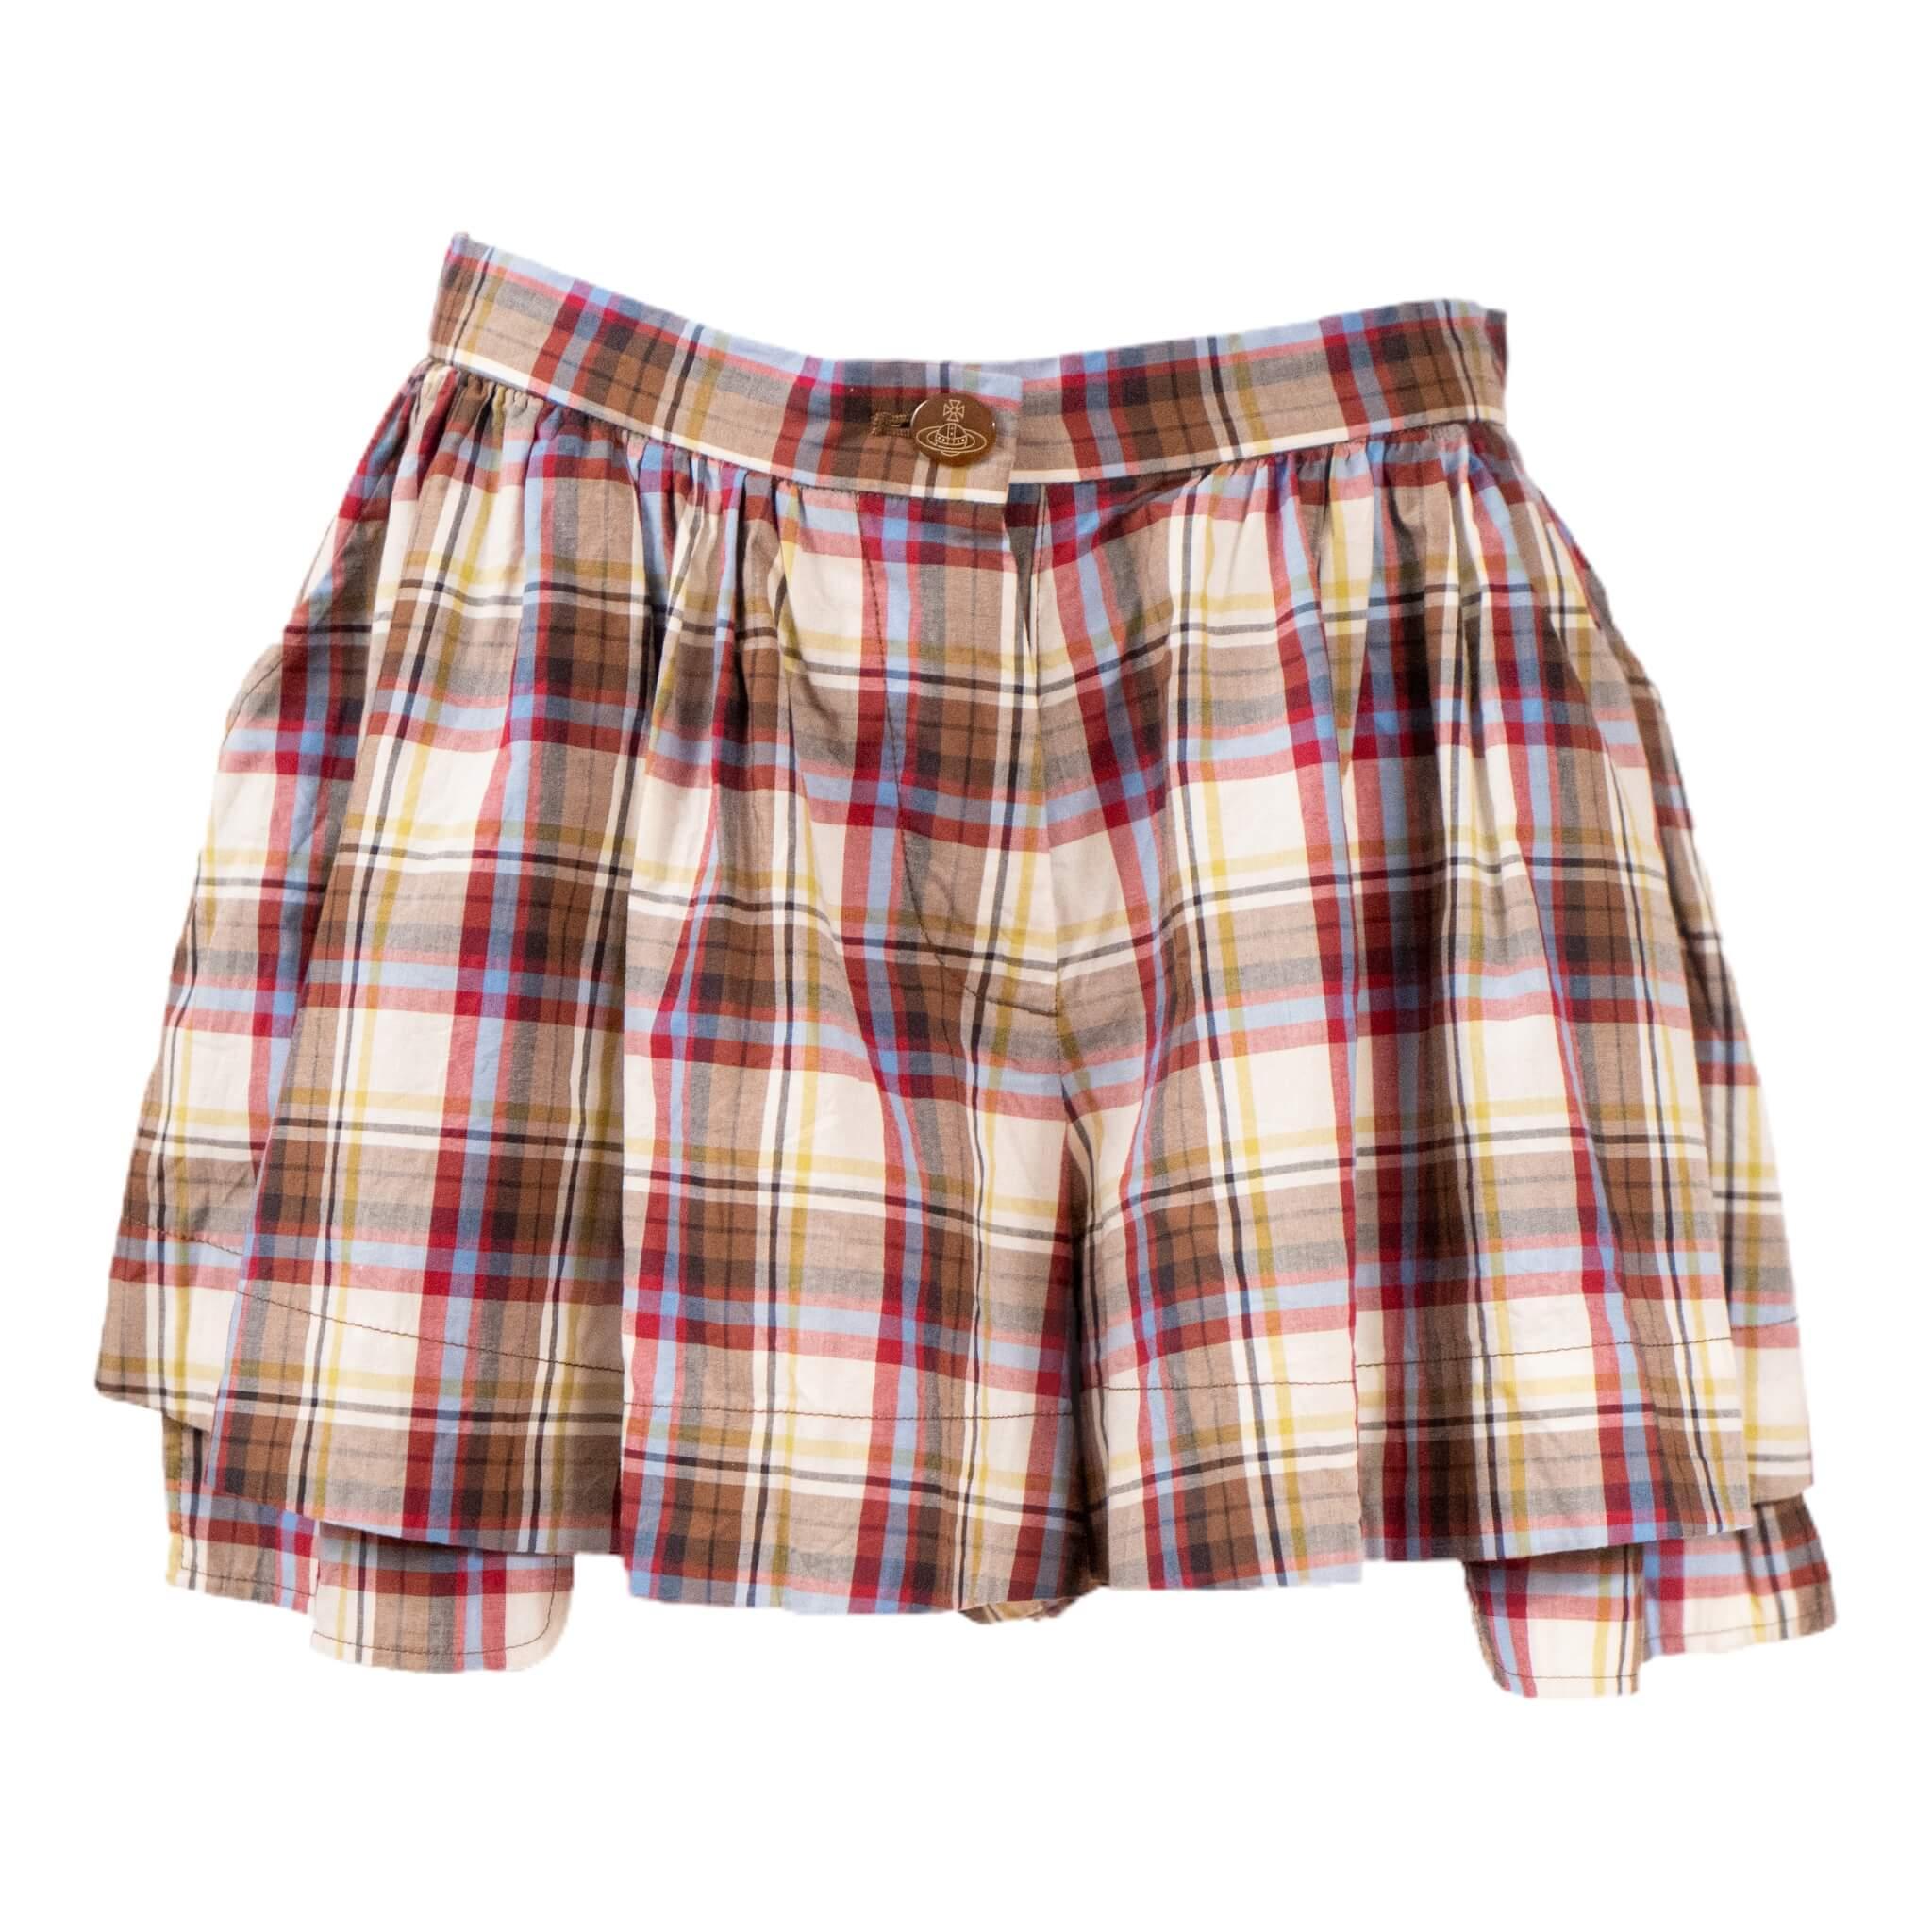 Vivienne Westwood Tartan Twist Shorts